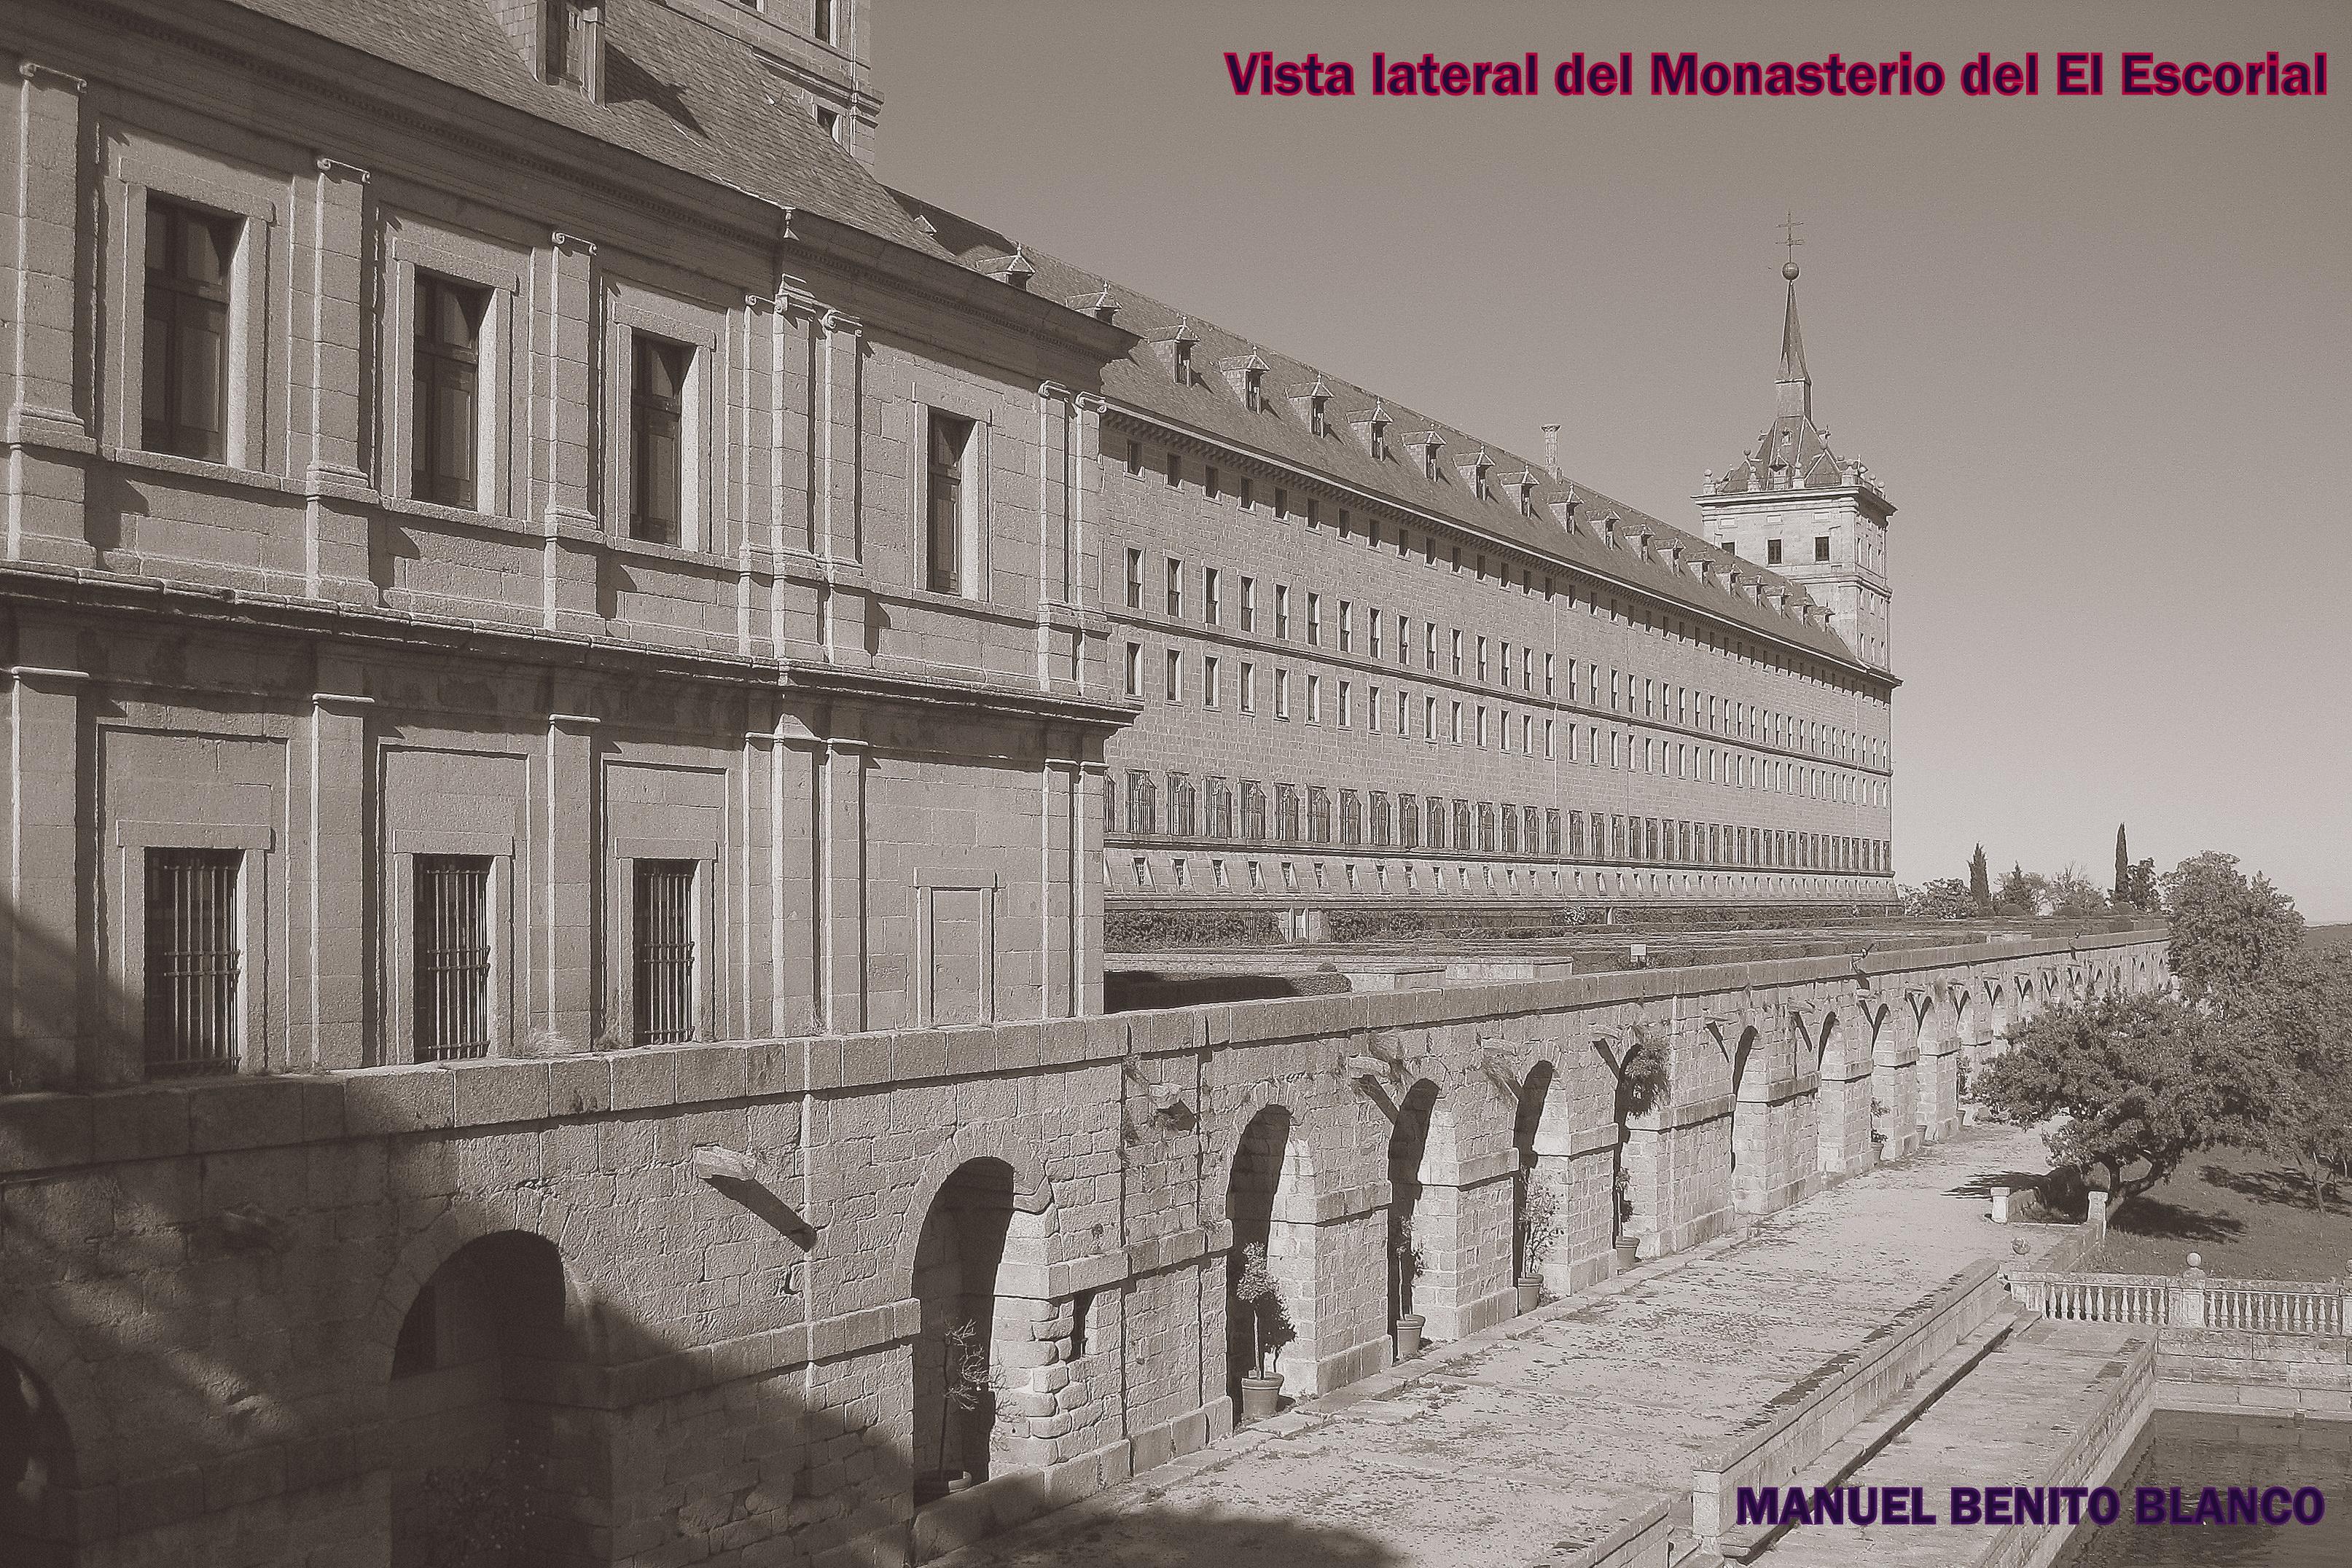 Vista lateral del Monasterio del Escorial